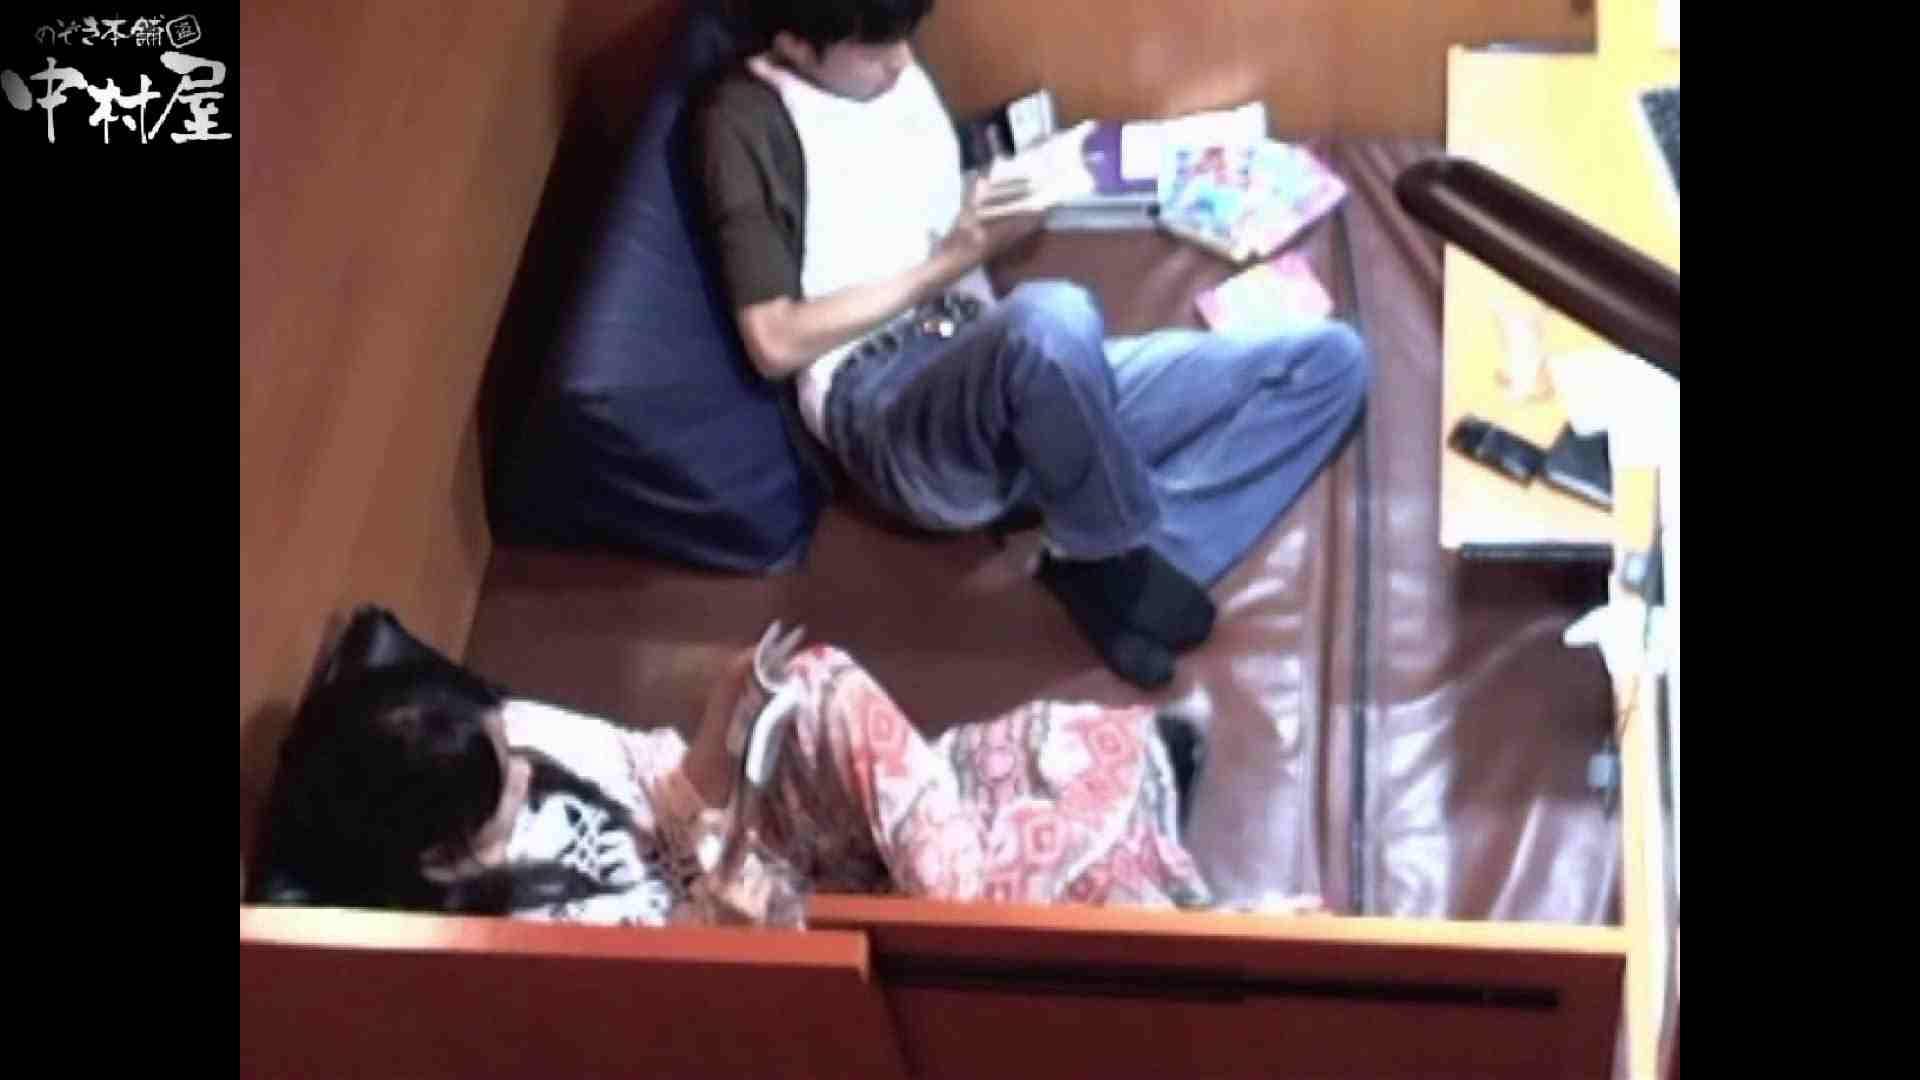 ネットカフェ盗撮師トロントさんの 素人カップル盗撮記vol.1 カップル | おっぱい  21連発 1